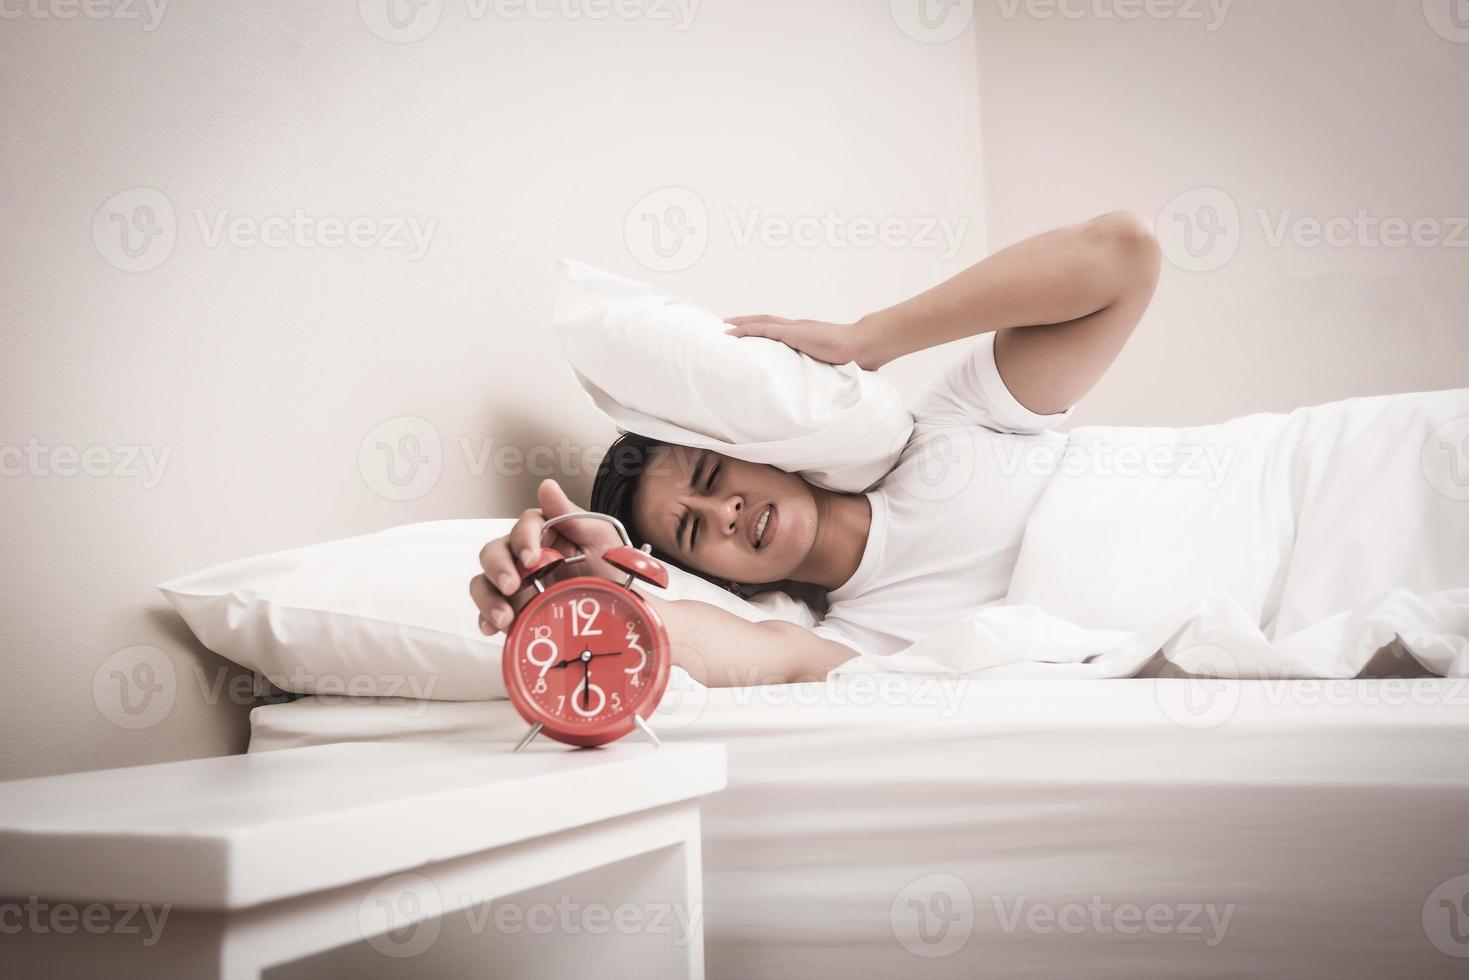 mannen stänger av väckarklockan på morgonen foto